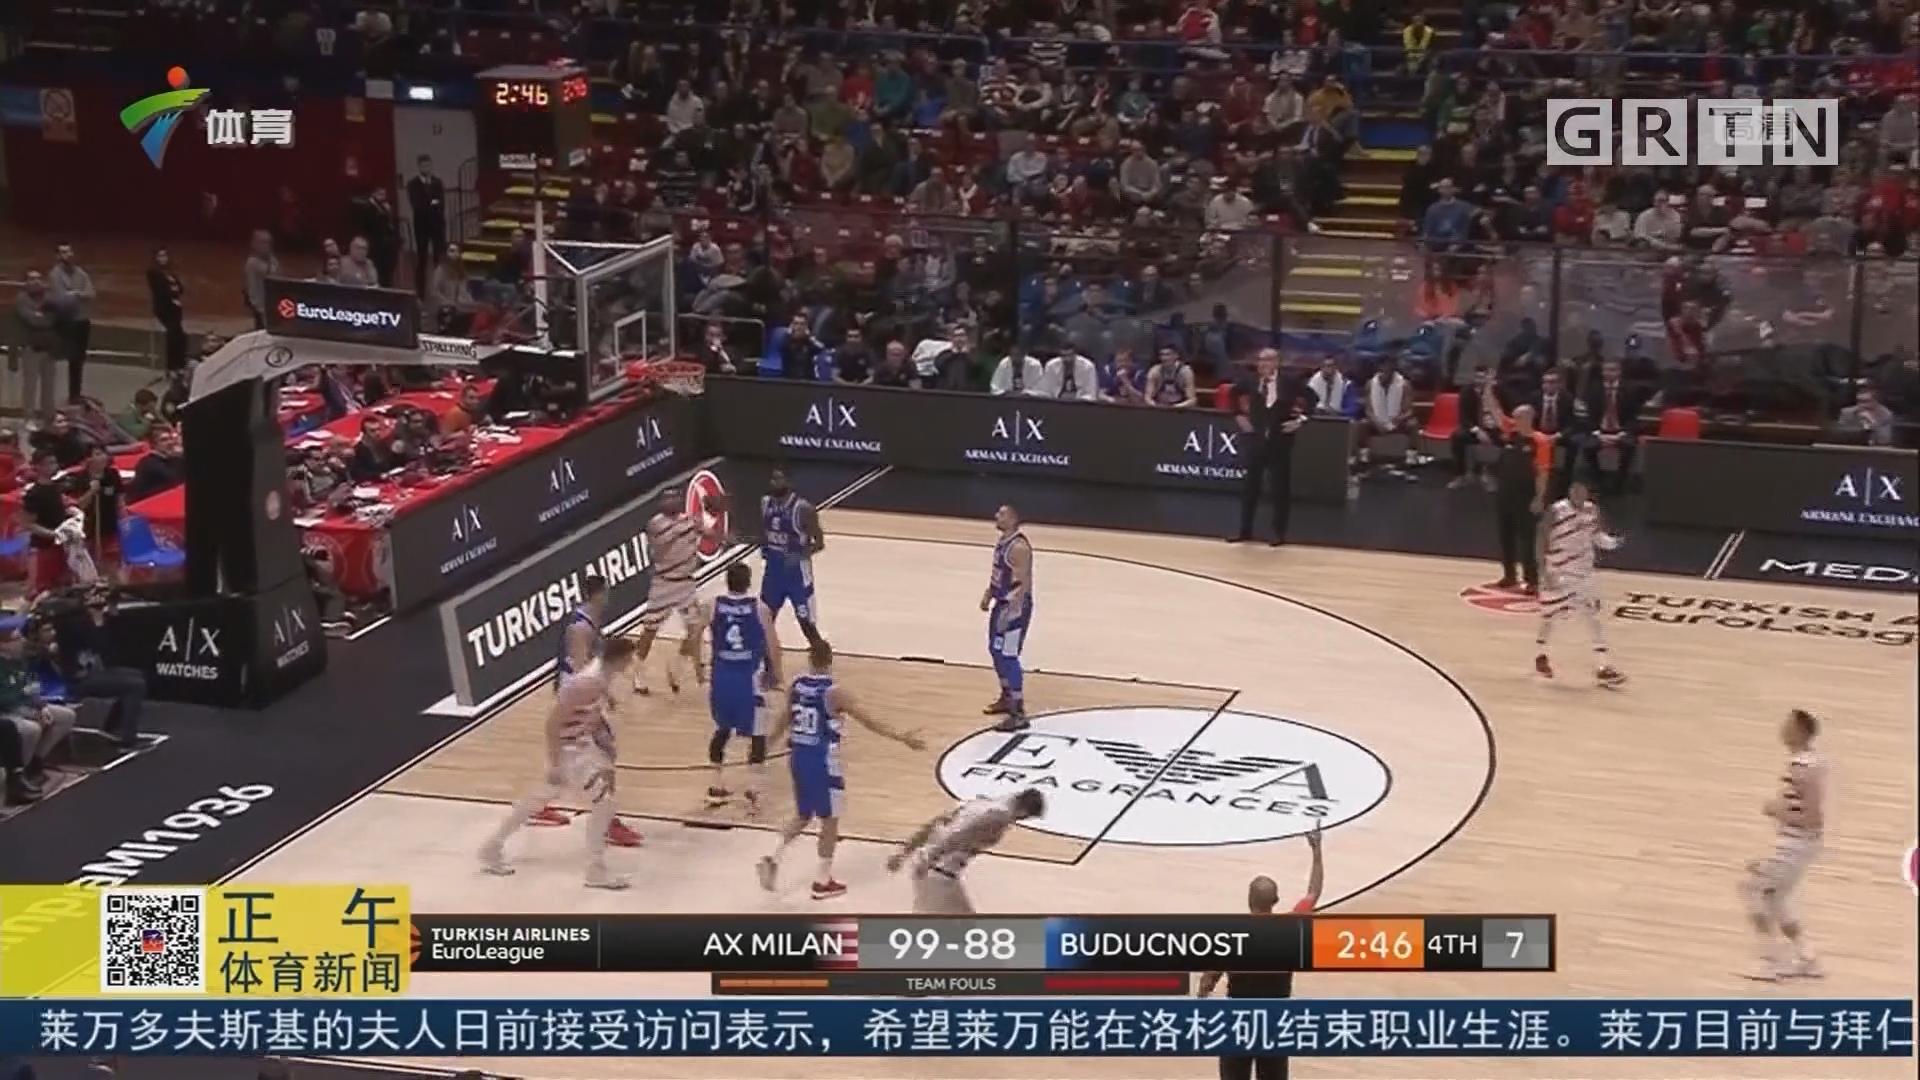 欧冠篮球:多点开花 米兰阿玛尼大胜布杜克诺斯特